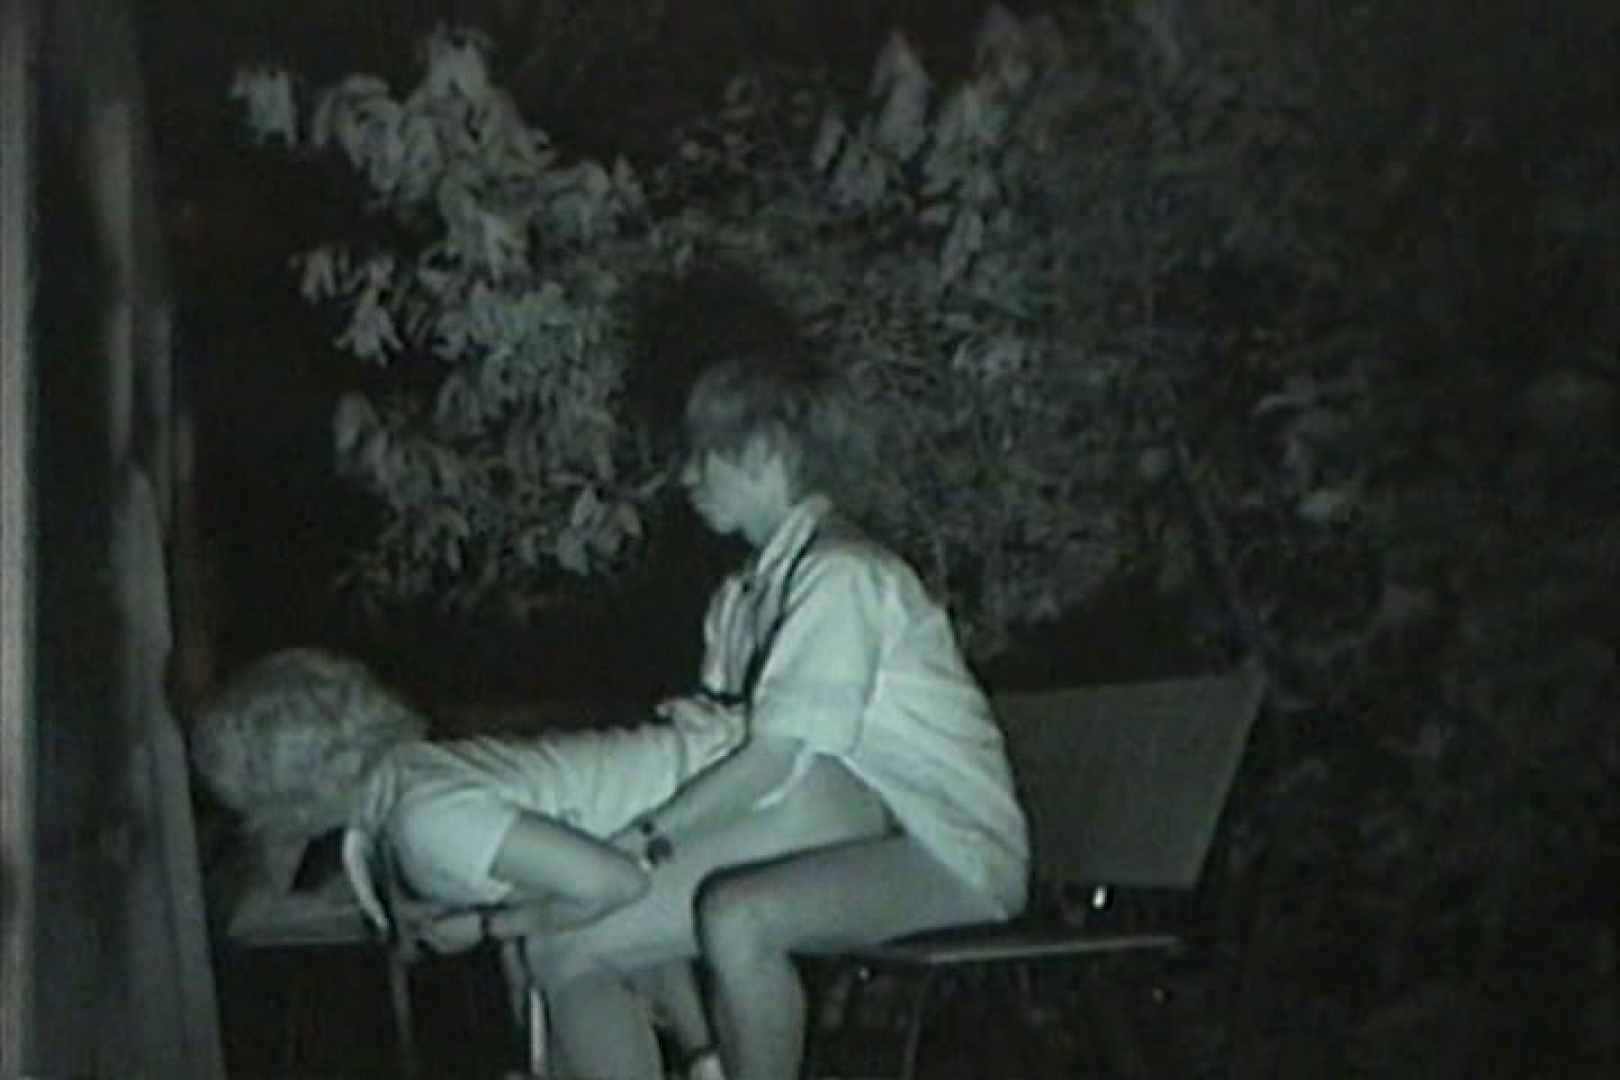 闇の仕掛け人 無修正版 Vol.24 美しいOLの裸体 | セックス  101pic 76